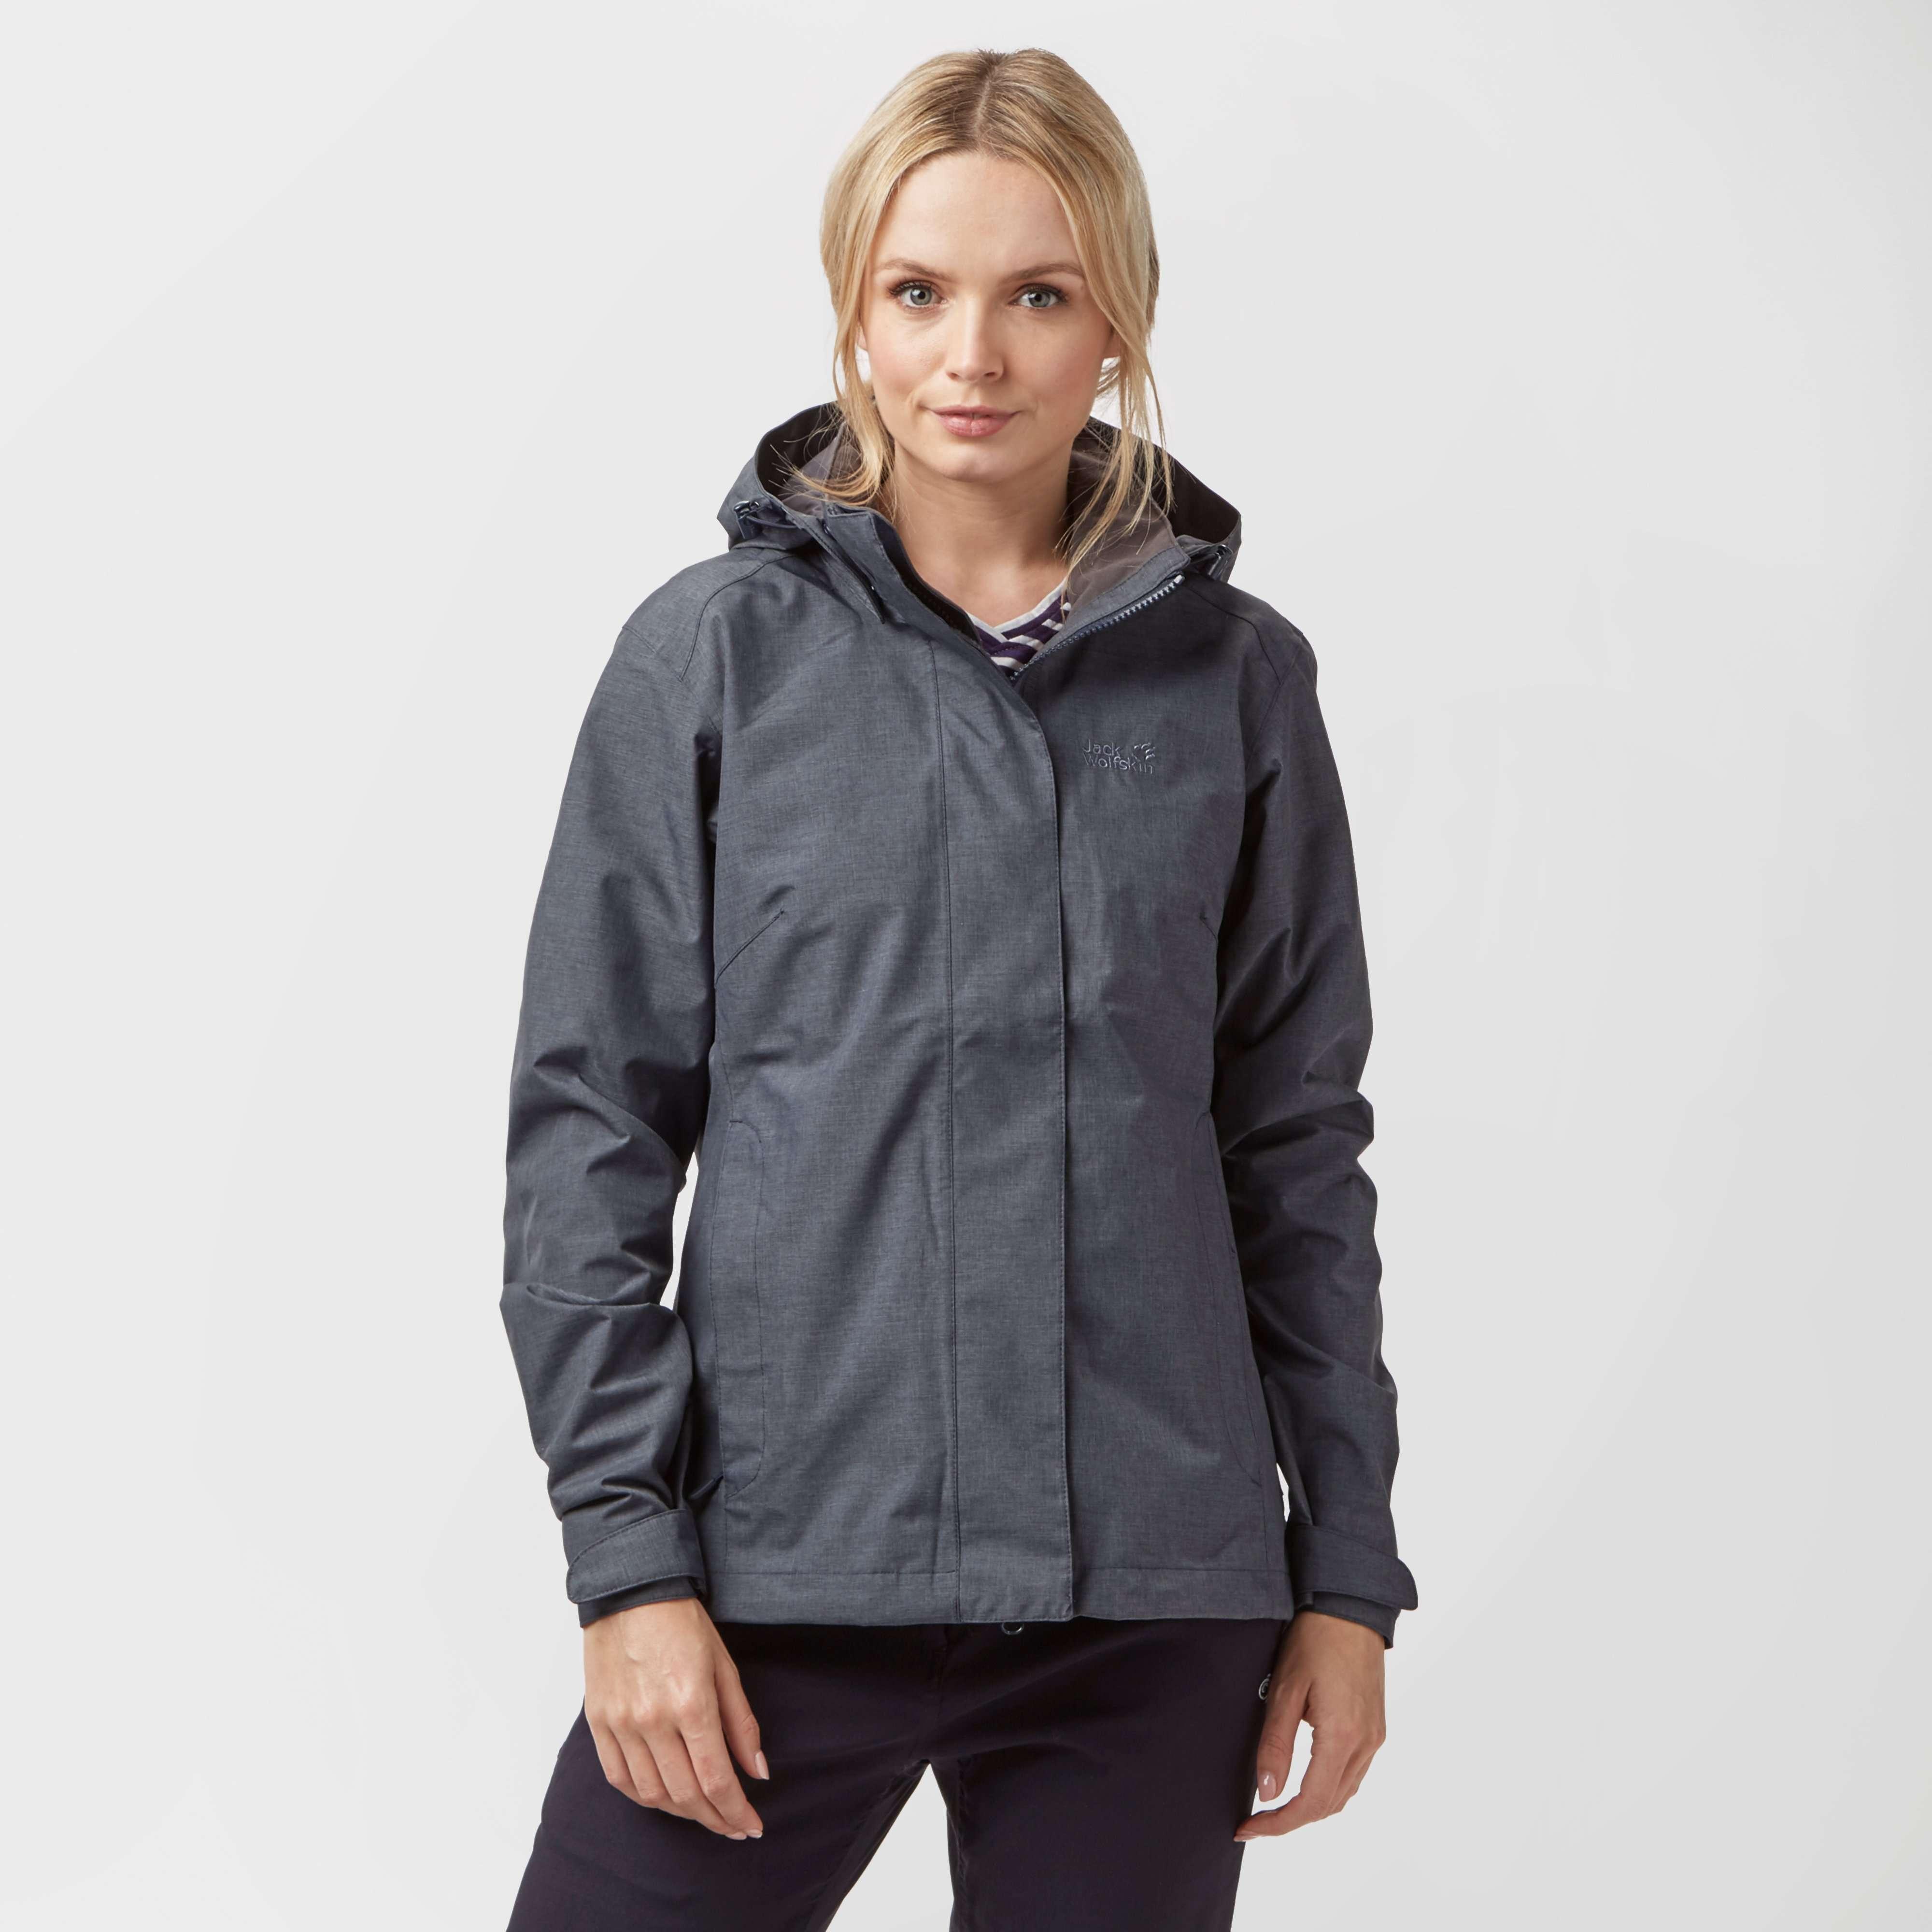 JACK WOLFSKIN Women's Paradise Valley Waterproof Jacket